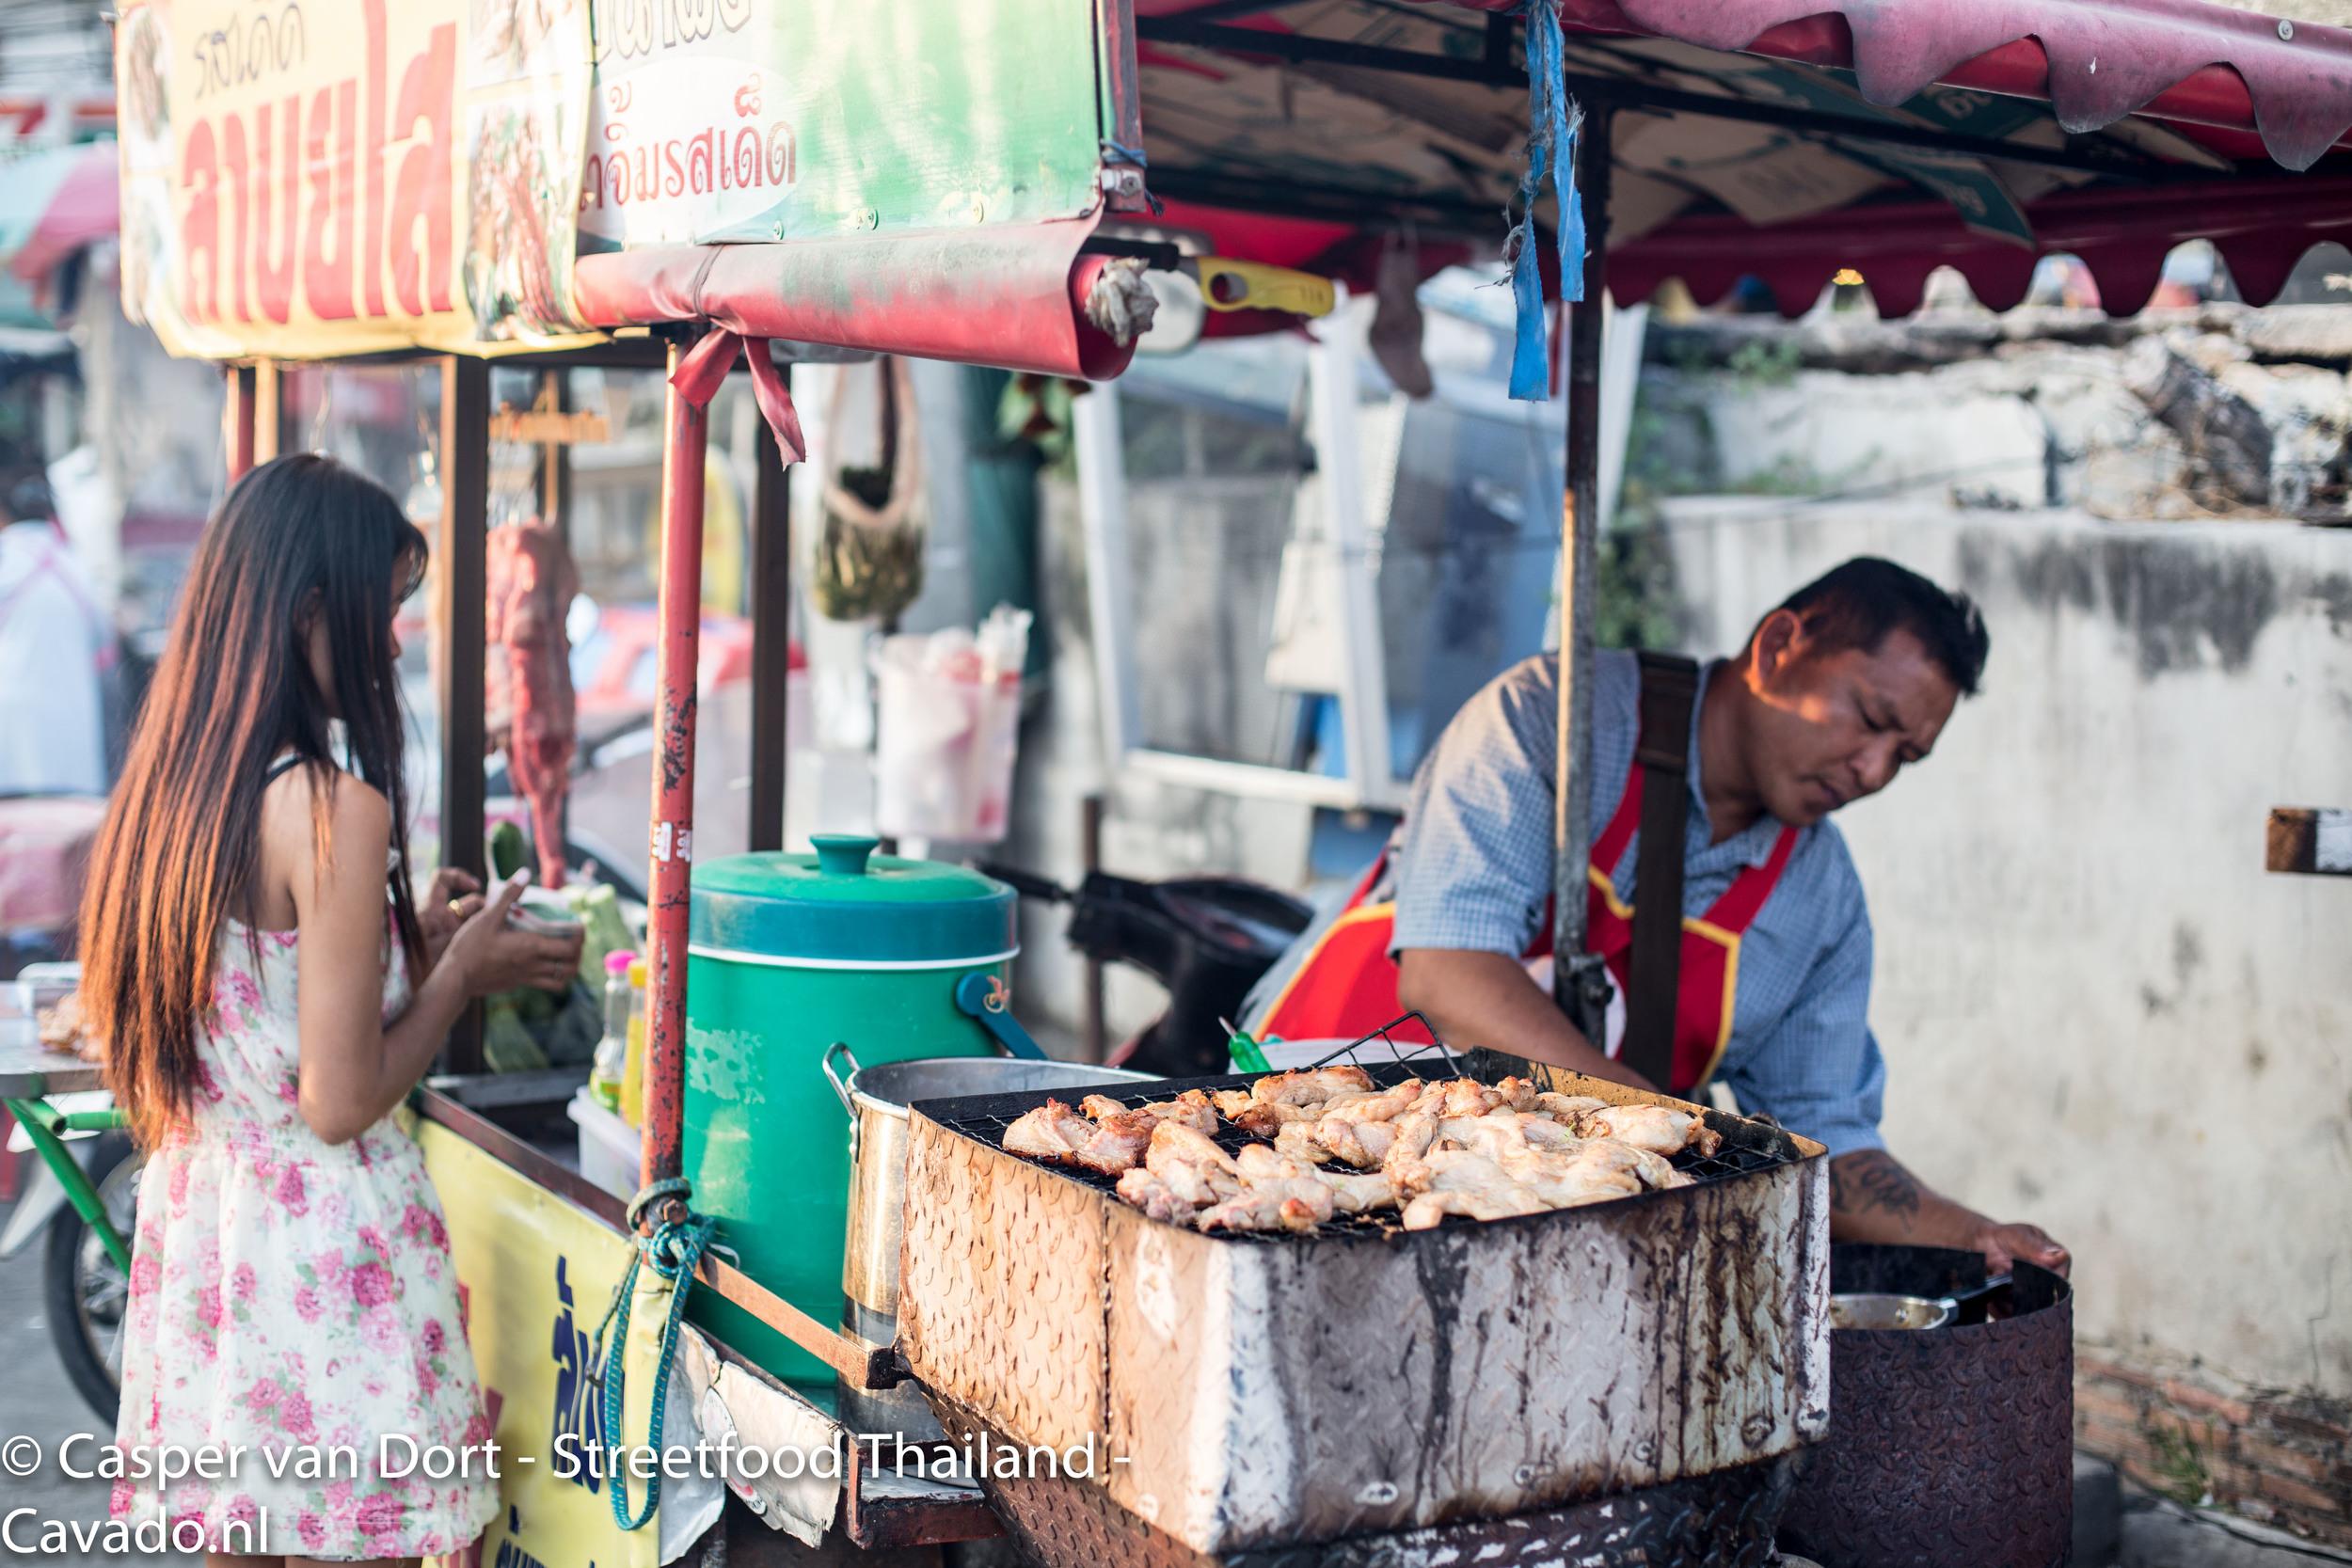 Thailand Streetfood-37.jpg